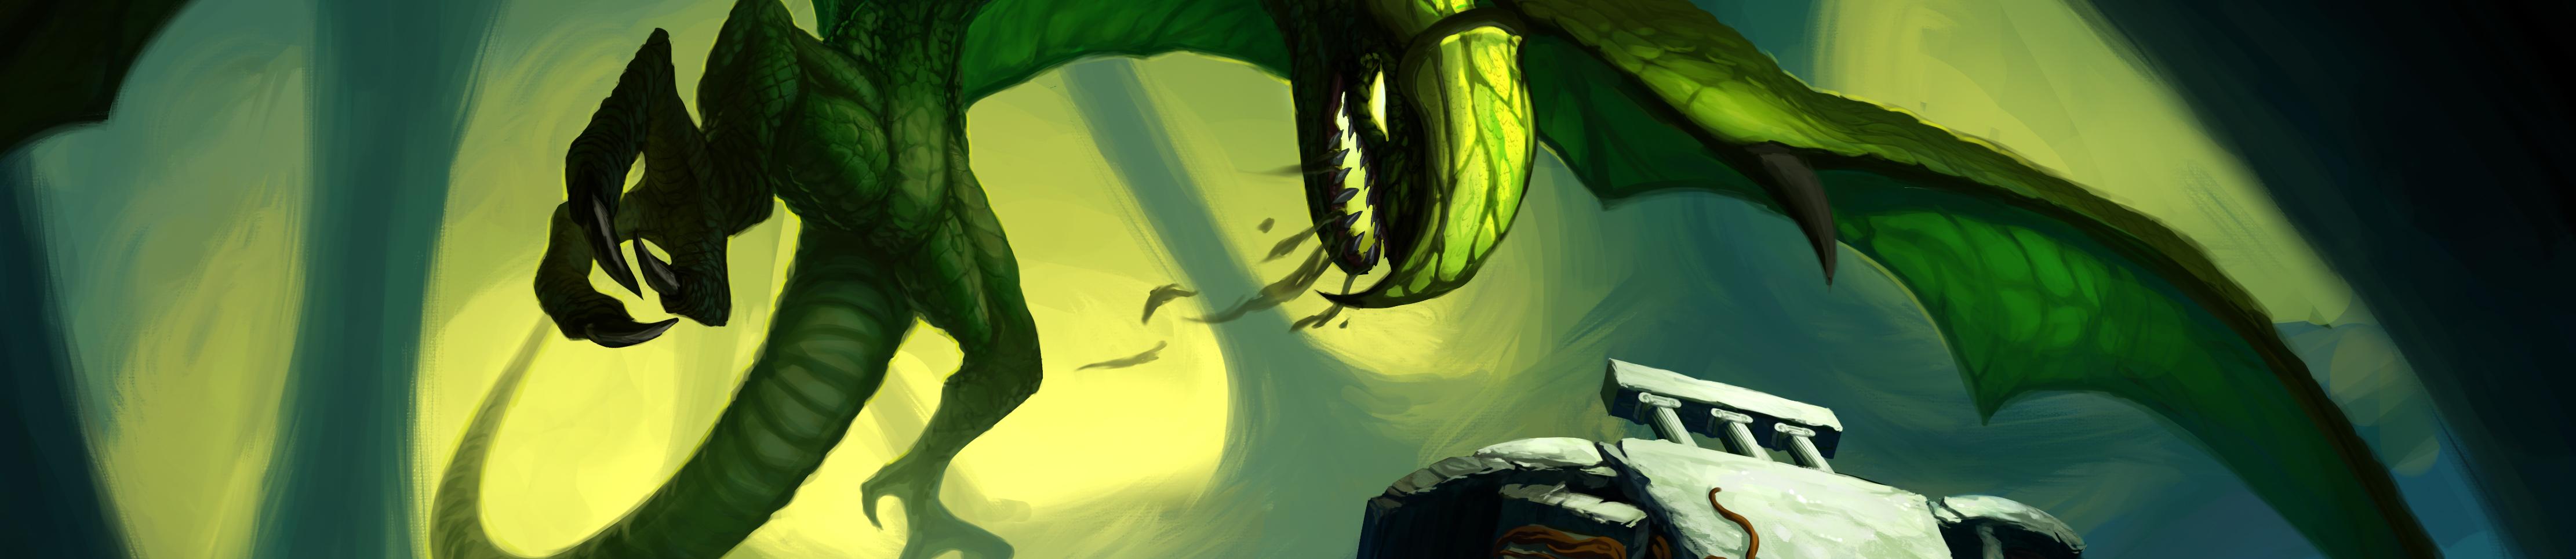 SwampDrakeVSTremor.jpg